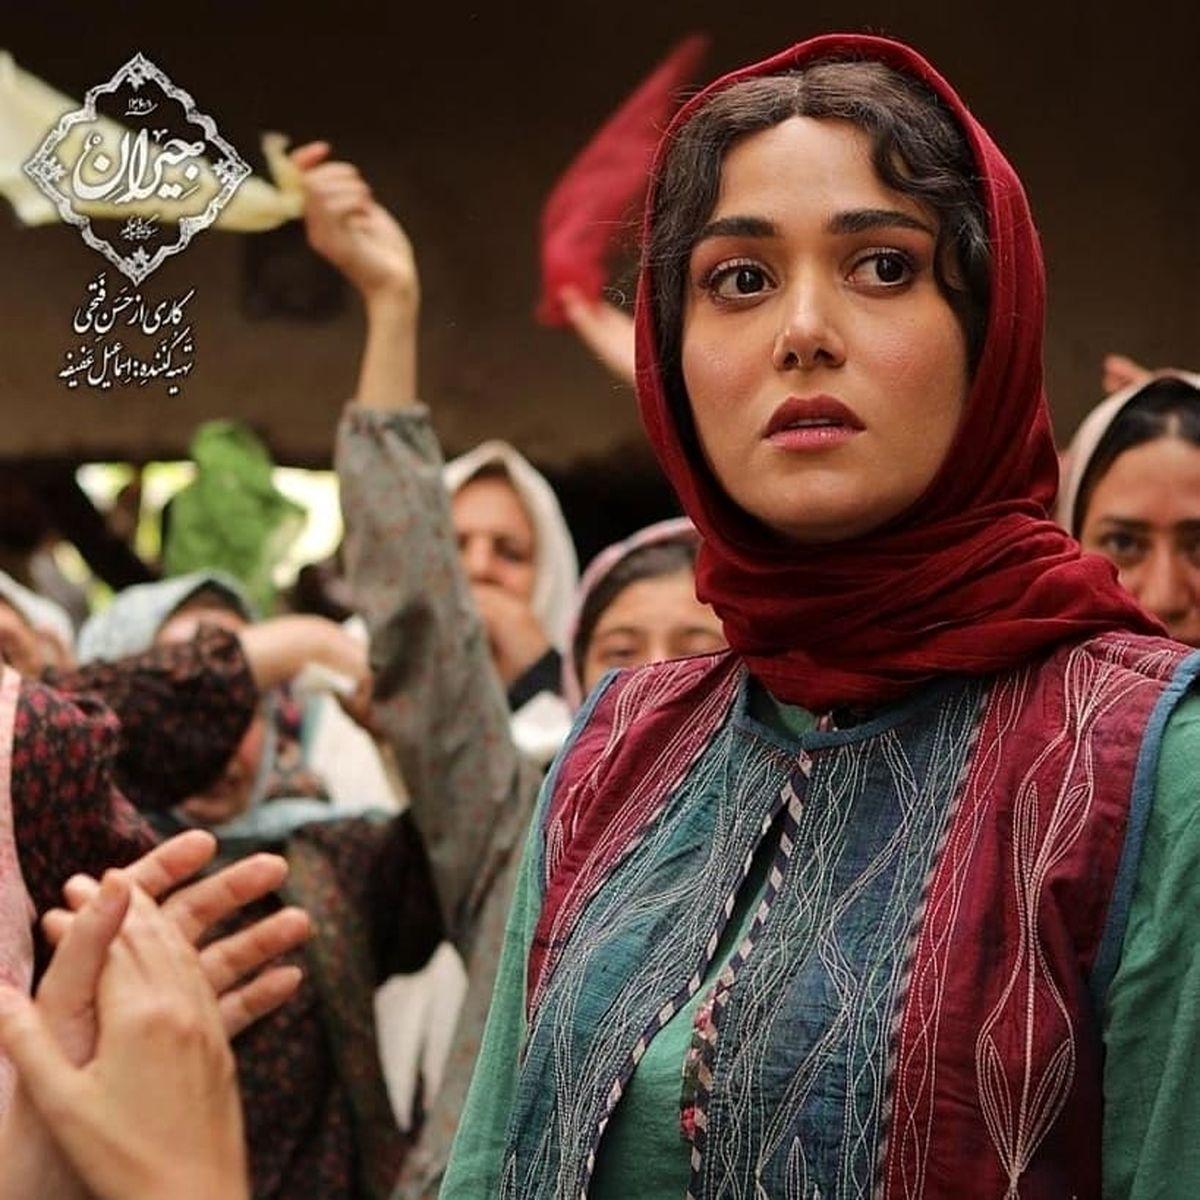 عکسهای زیبا از بازیگران زن در پشت صحنه سریال جیران